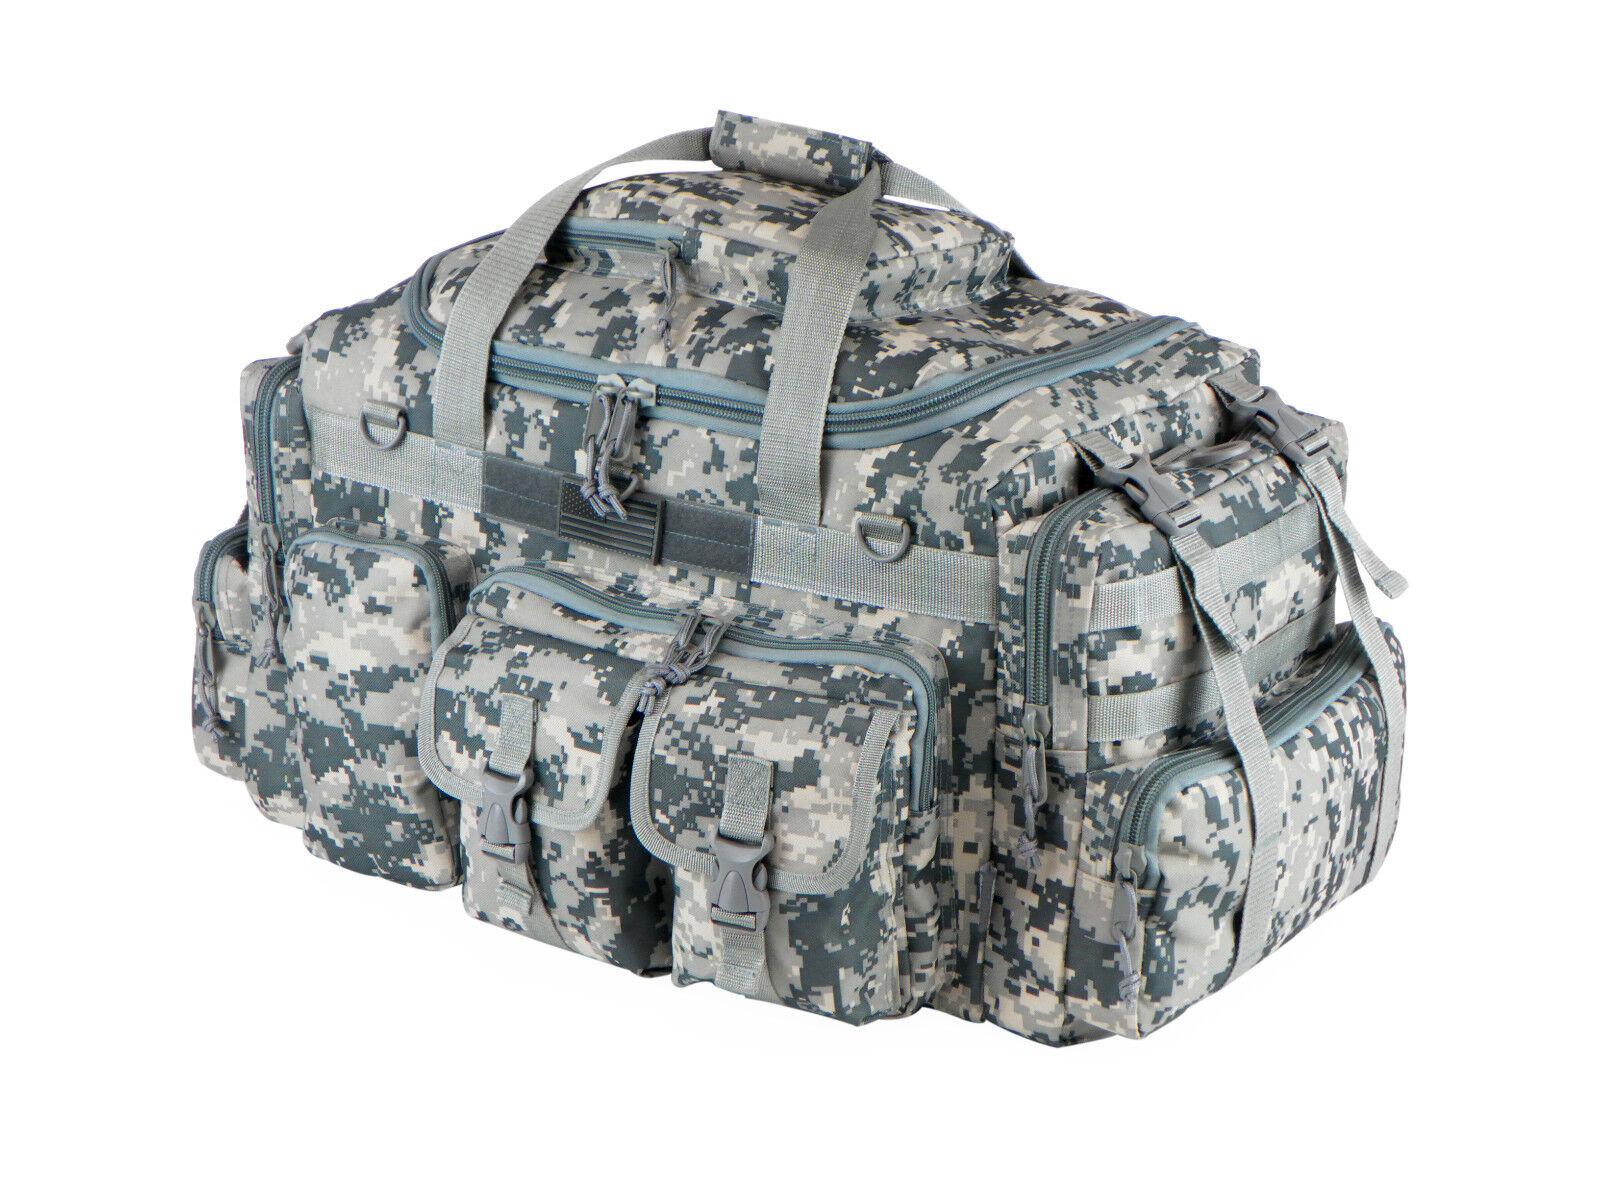 26 tactical duffel acu digital dufflebag range bag molle straps multi pocket